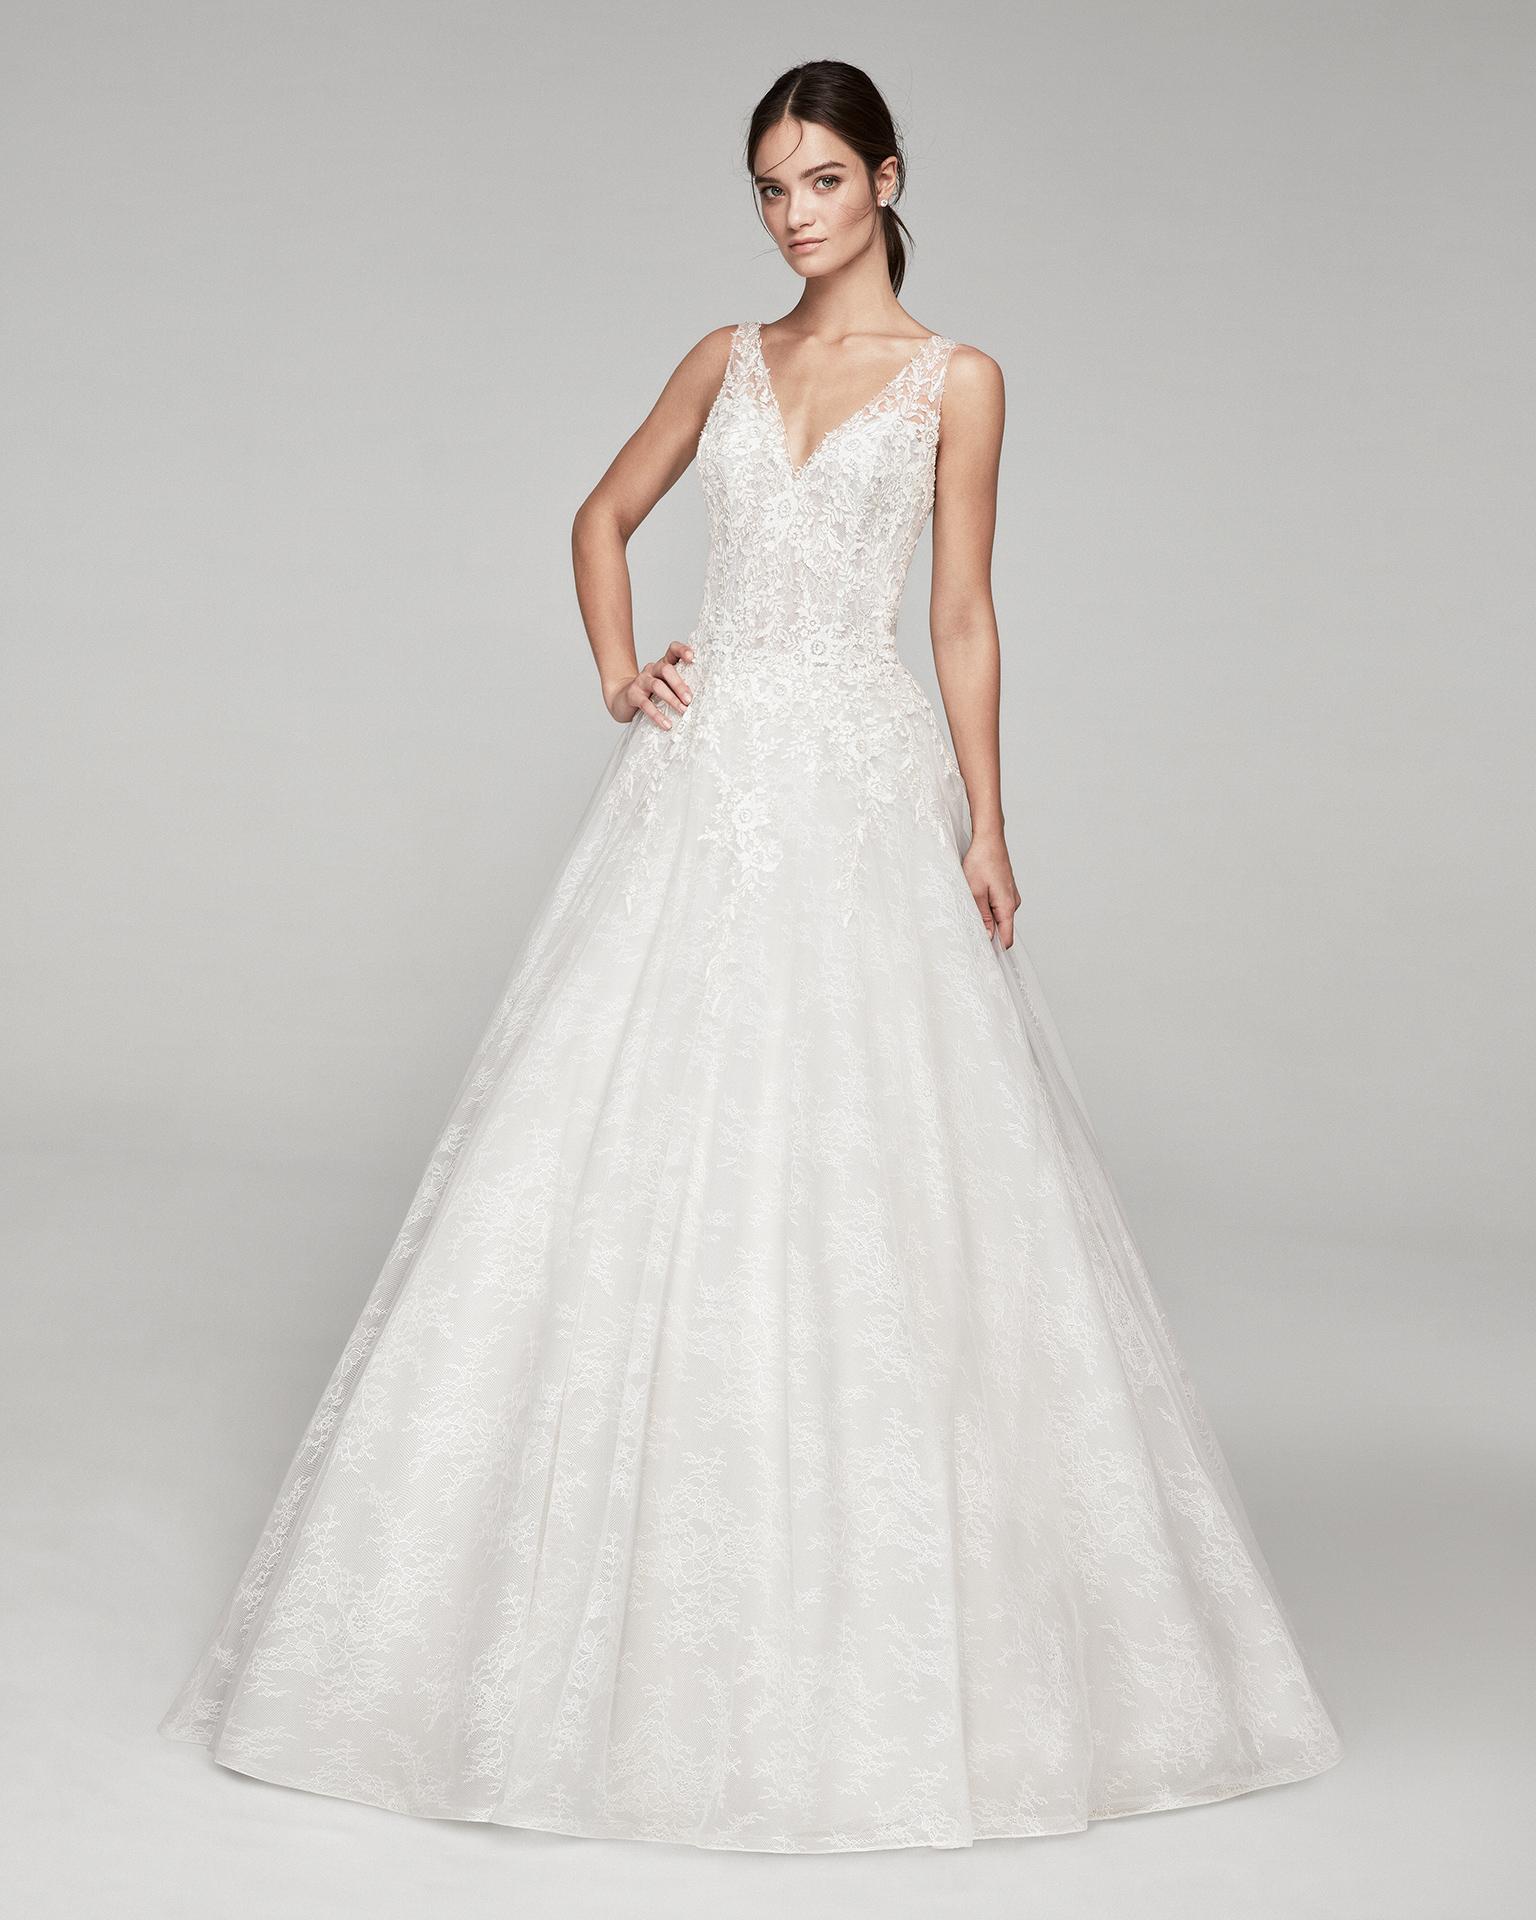 Vestido de novia romántico de encaje. Con escote V en       pedrería y espalda de tul. Disponible en color hielo y      natural. Colección ALMANOVIA 2019.